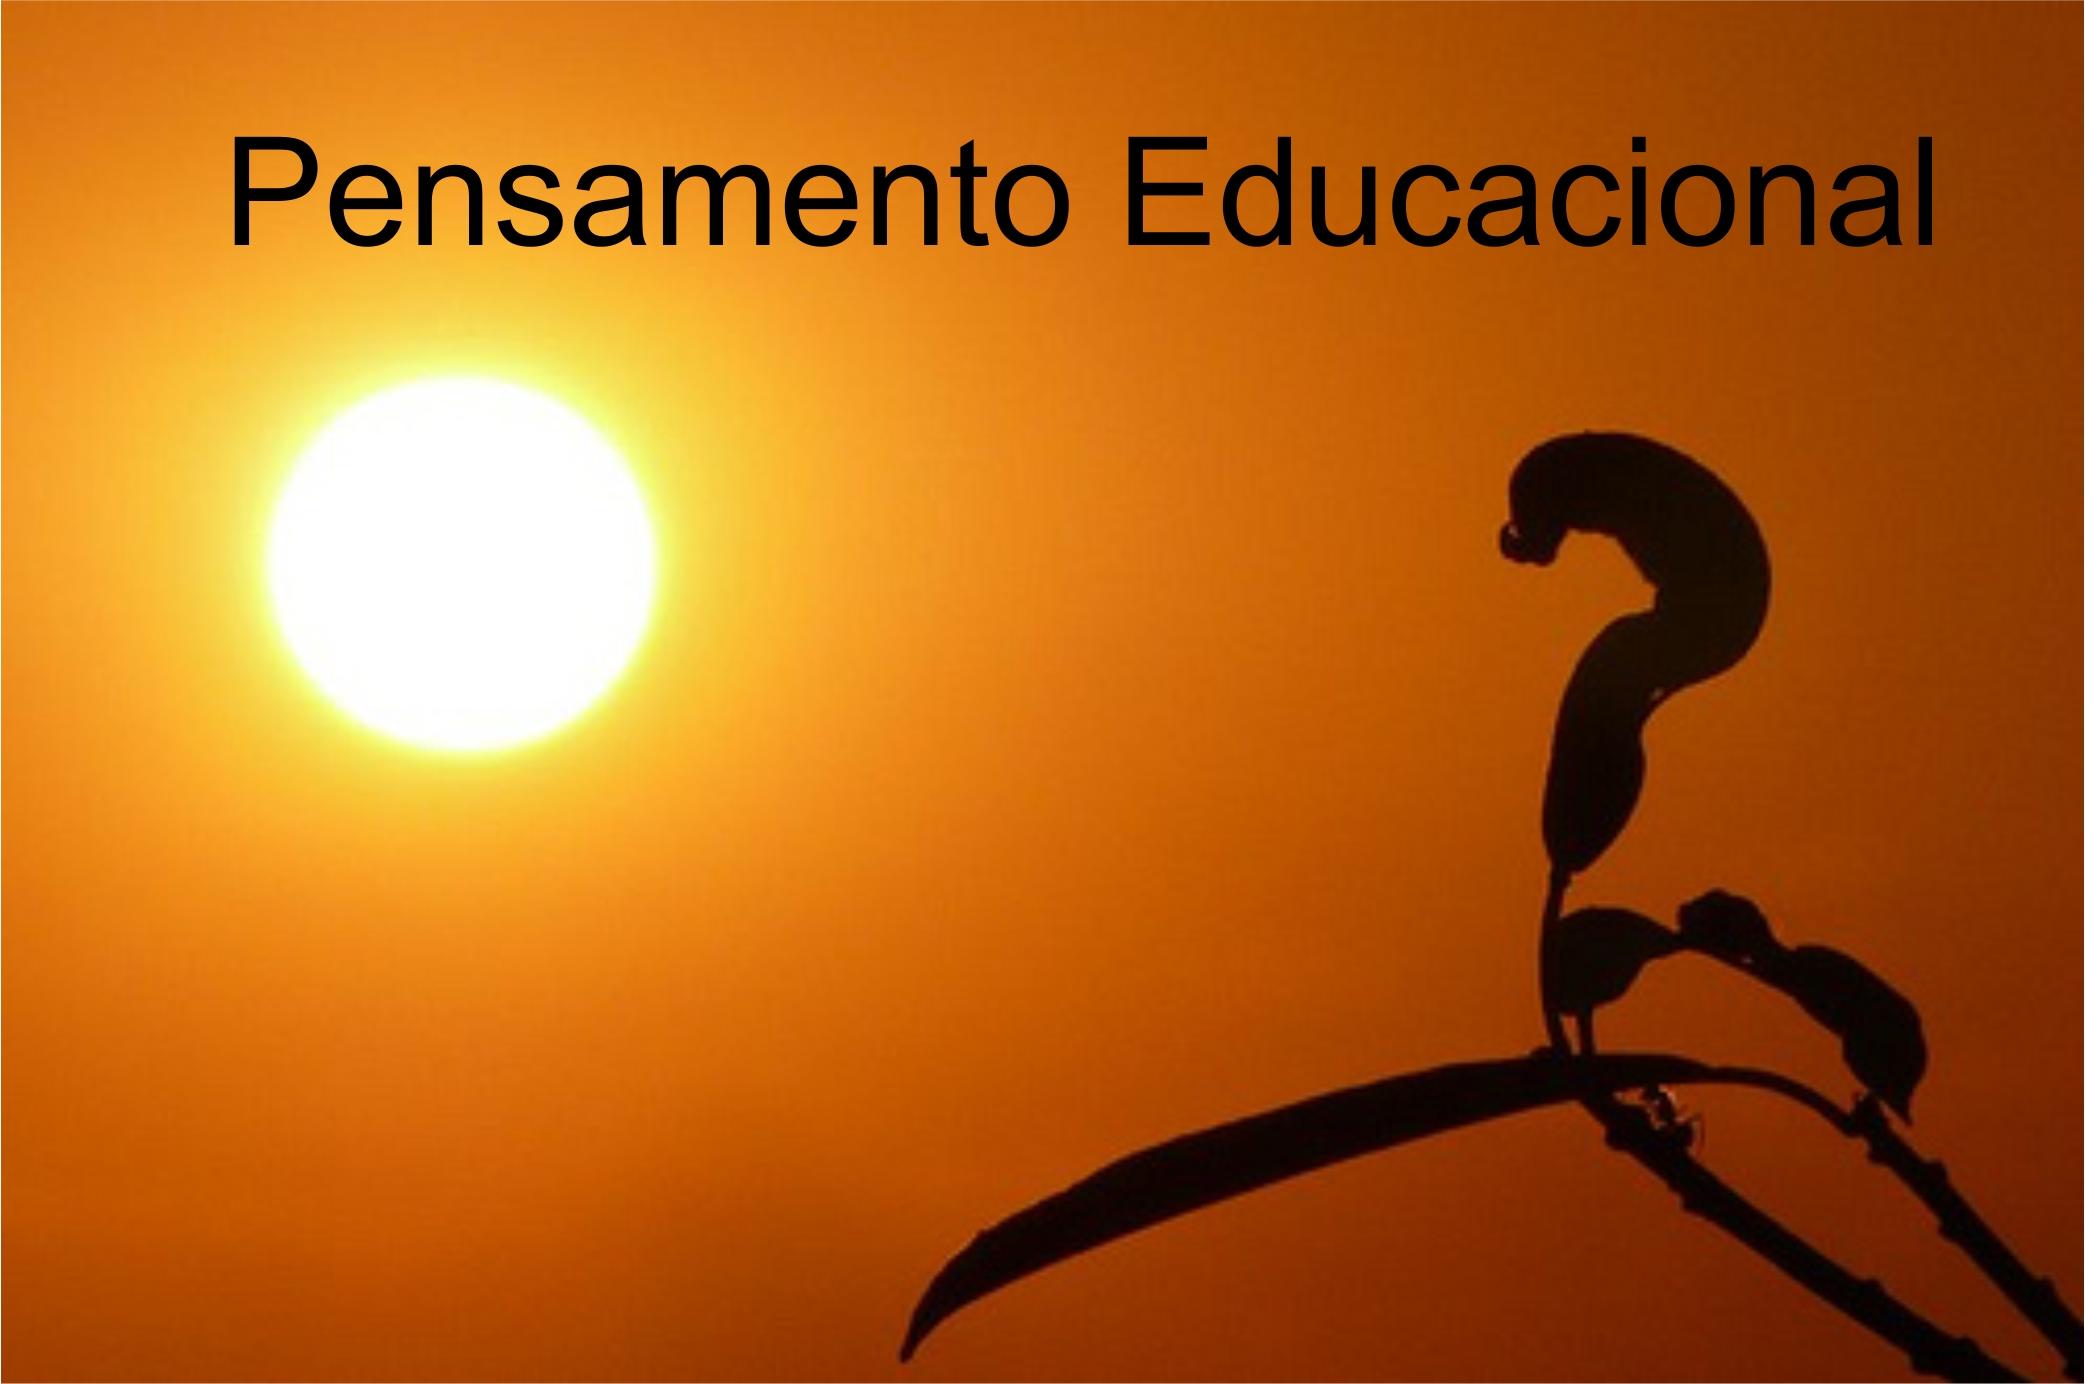 PENSAMENTO EDUCACIONAL